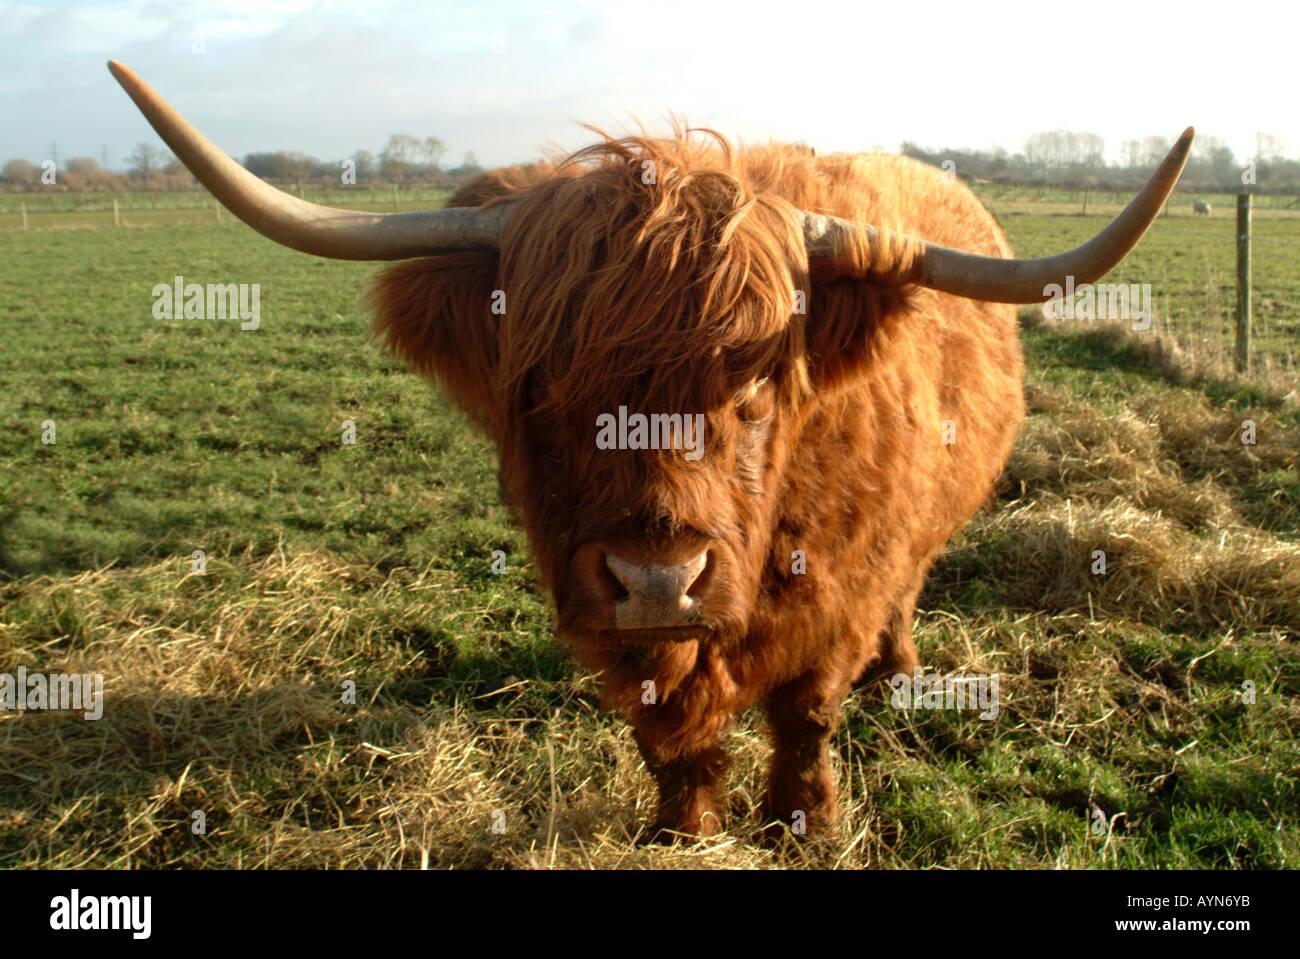 Highland vaca en campo en Oxfordshire, Inglaterra, Reino Unido. Foto de stock